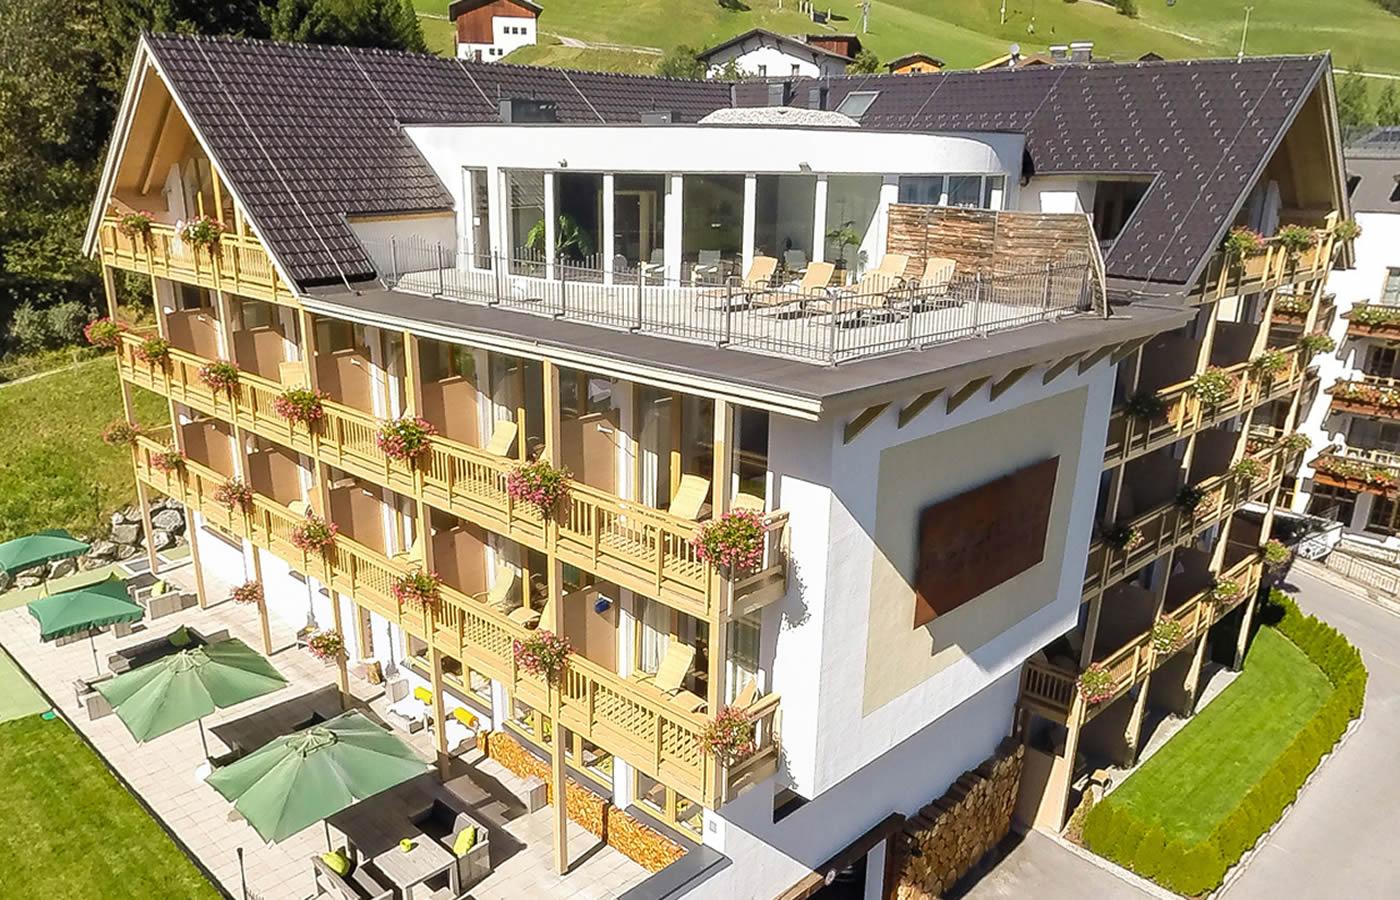 Hotel Natürlich in Fiss, Tirol - Luft-Außen-Süd-Ansicht